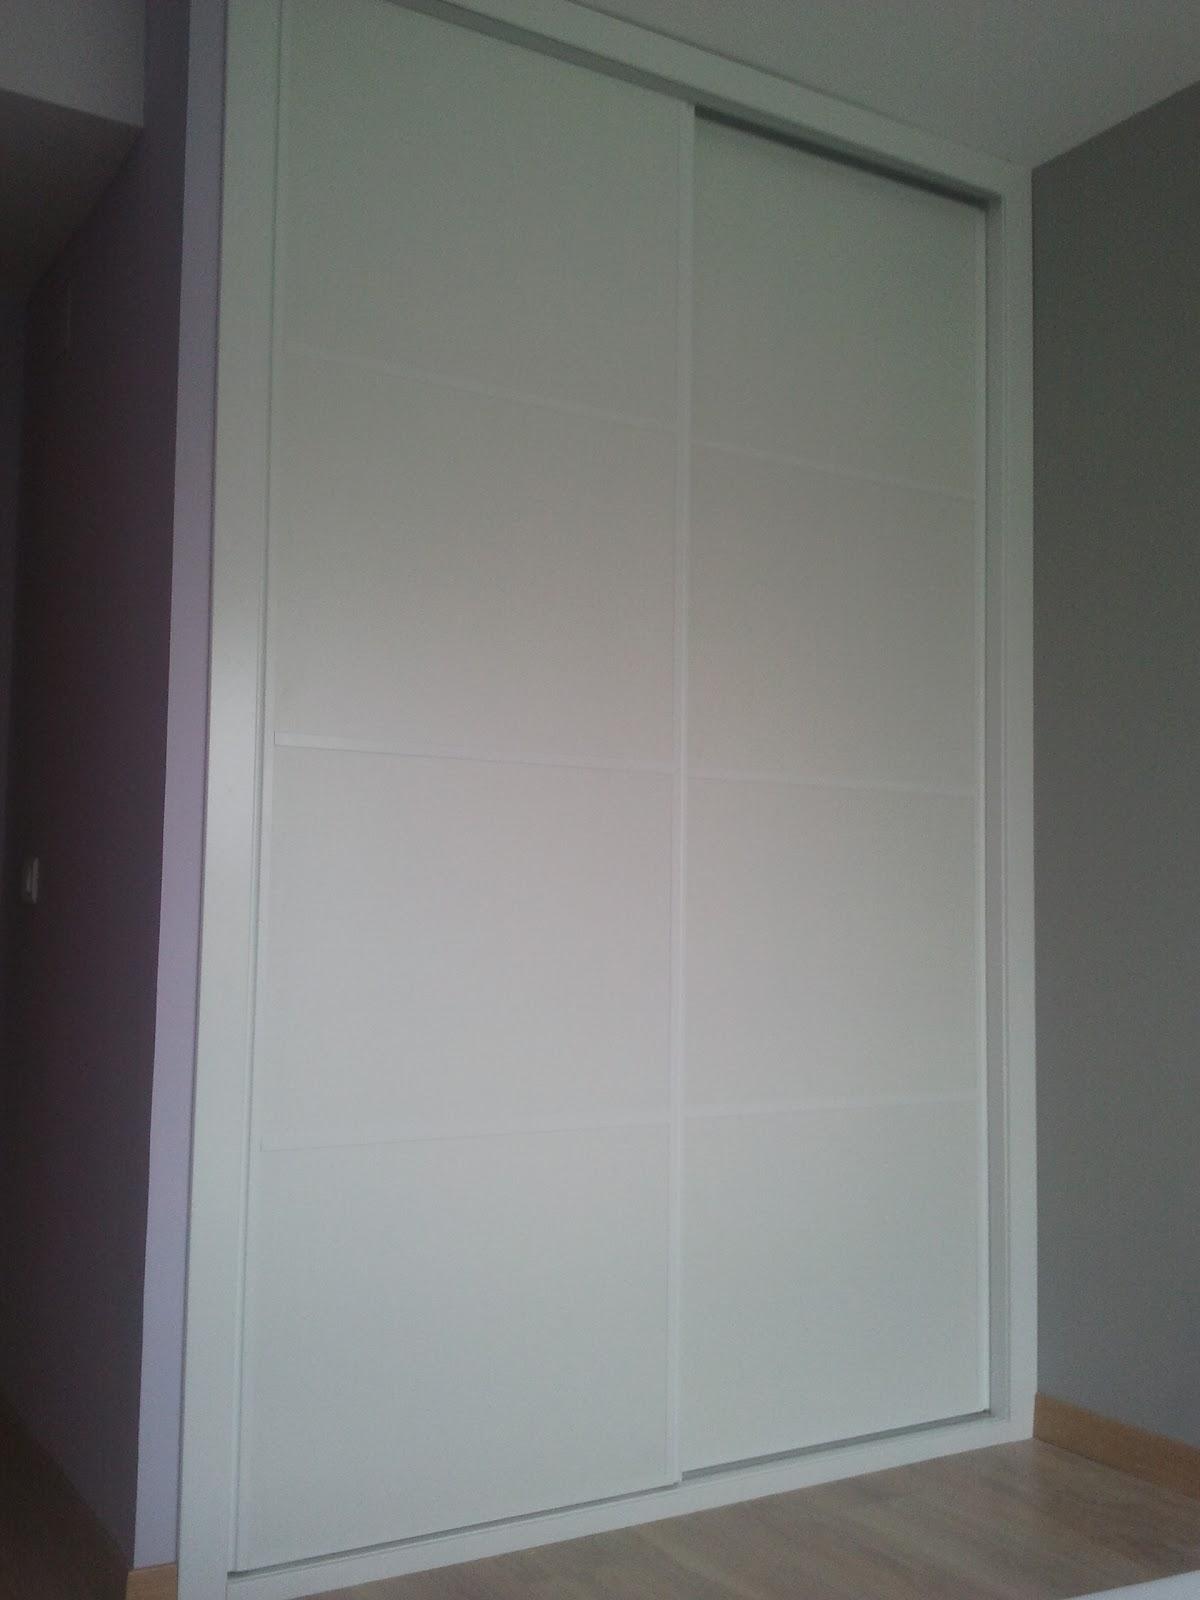 Montaje armario empotrado puertas correderas lacado blanco - Armario empotrado blanco ...